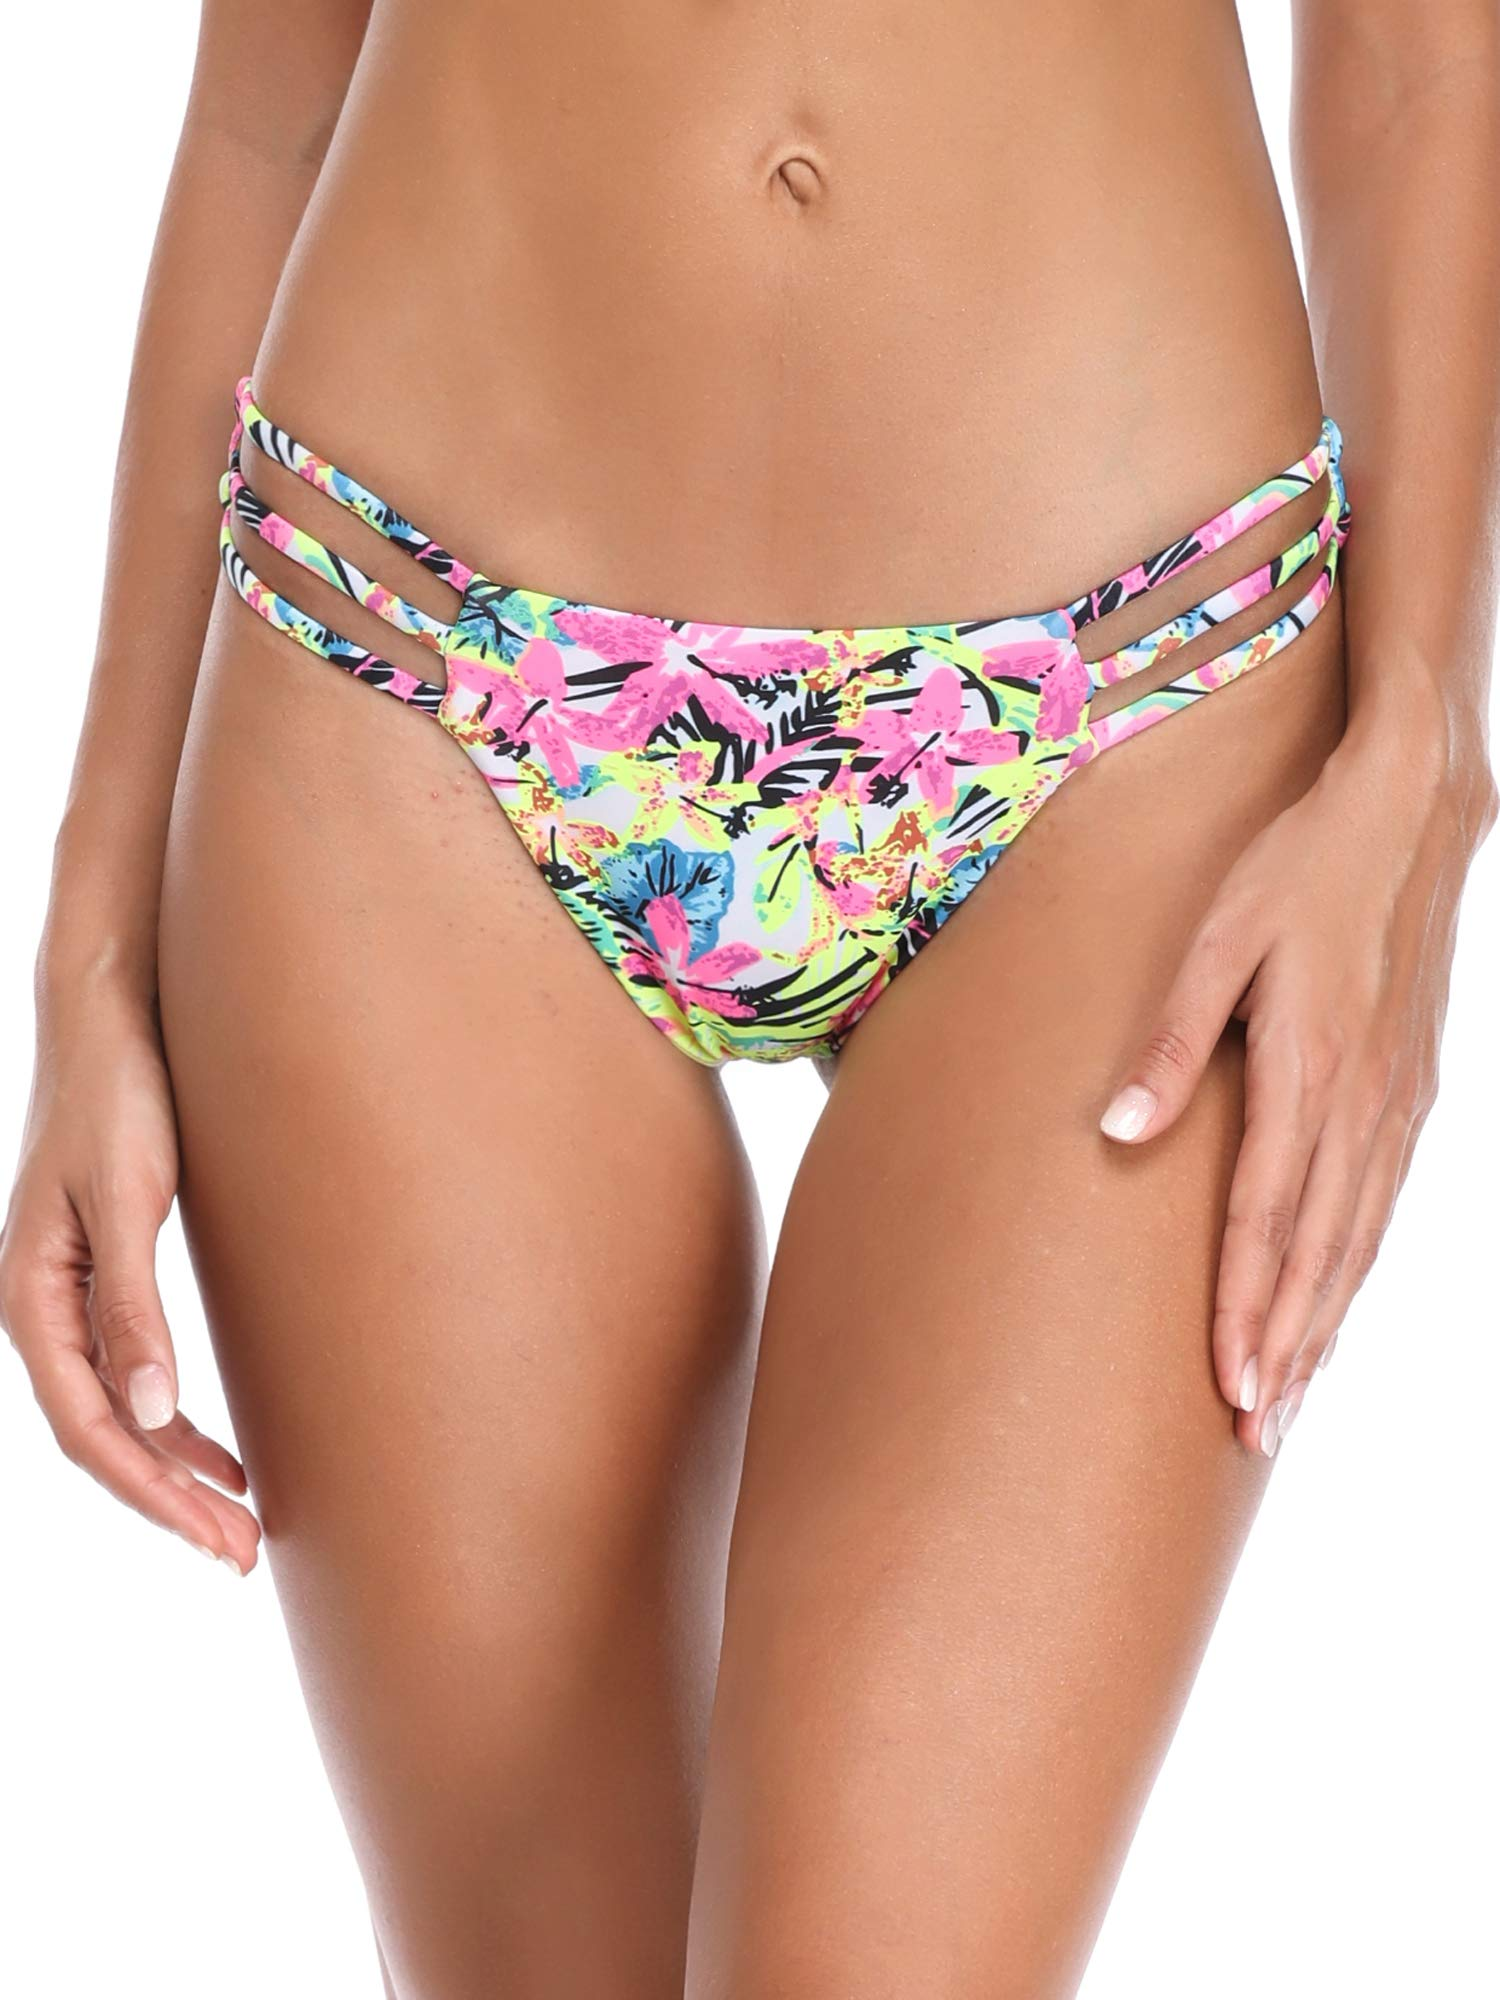 RELLECIGA Women's Jungle Triple Strappy Bikini Thong Bottom Size Small by RELLECIGA (Image #3)